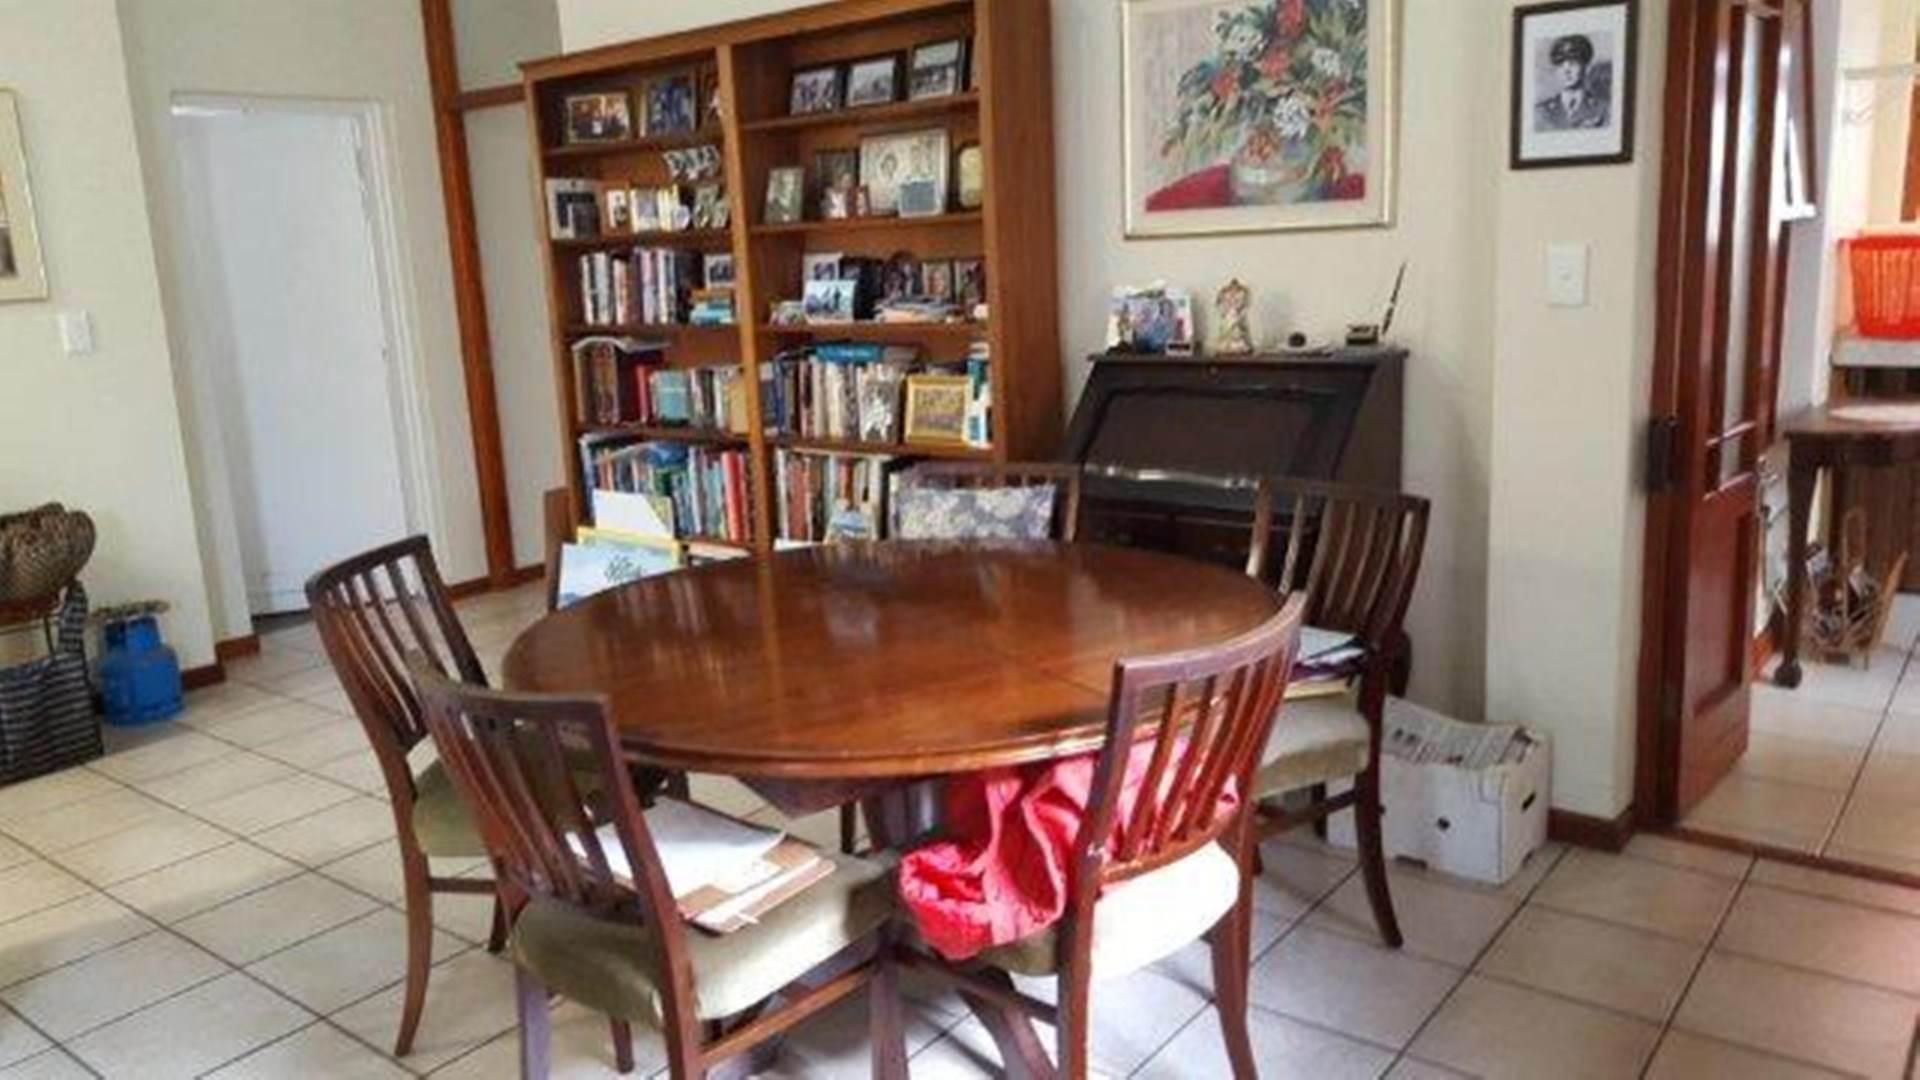 House Pending Sale In Sandbaai Hermanus Western Cape For R 1600000